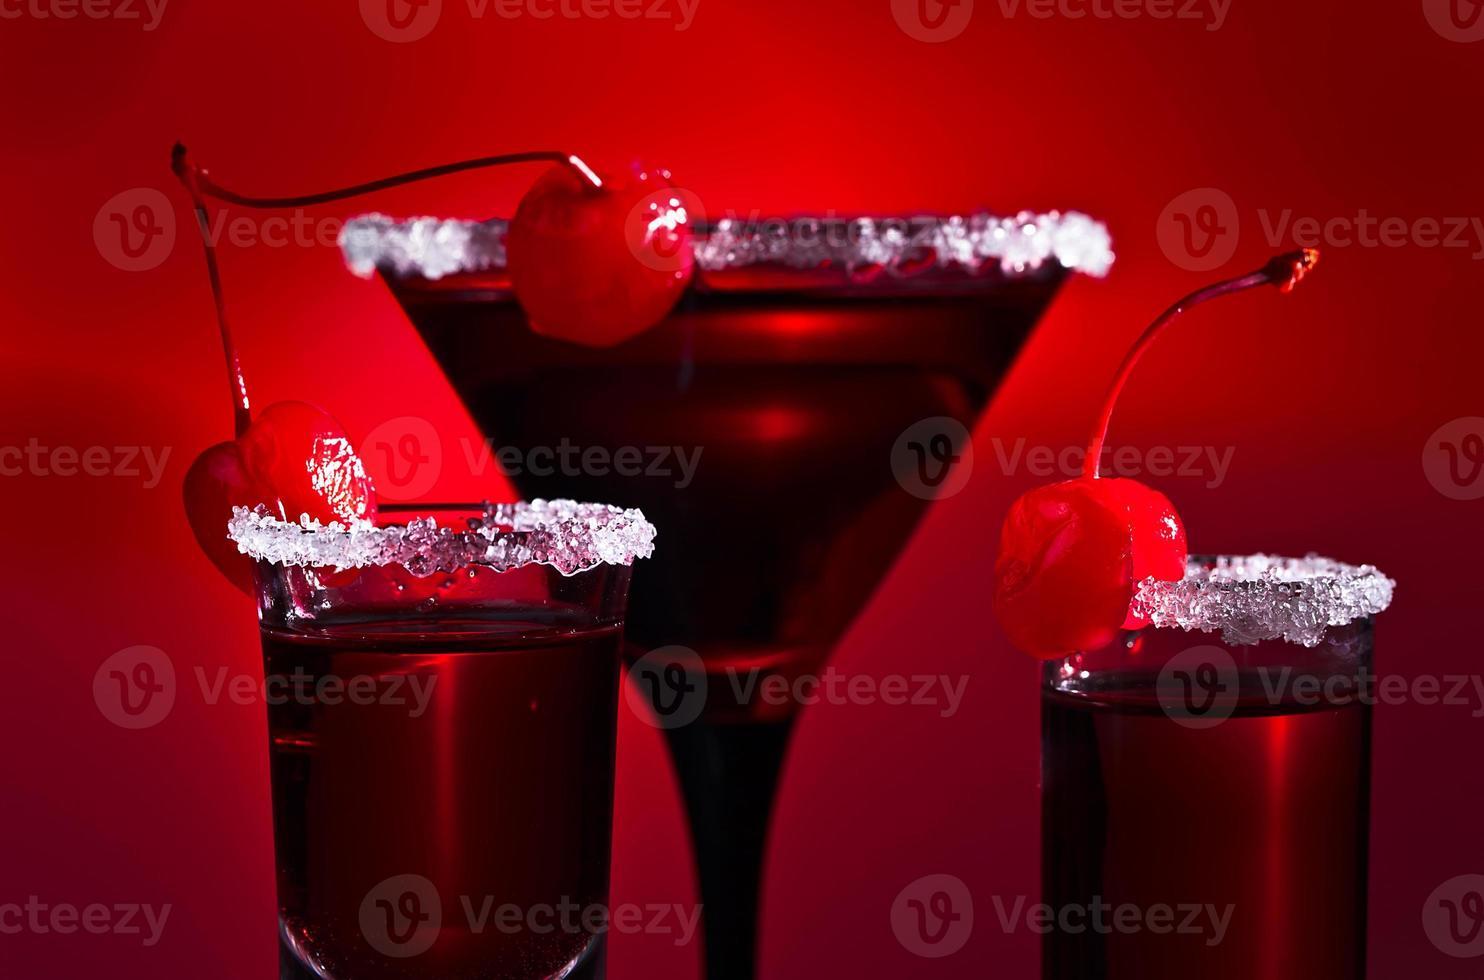 alcoholische dranken met kersen foto